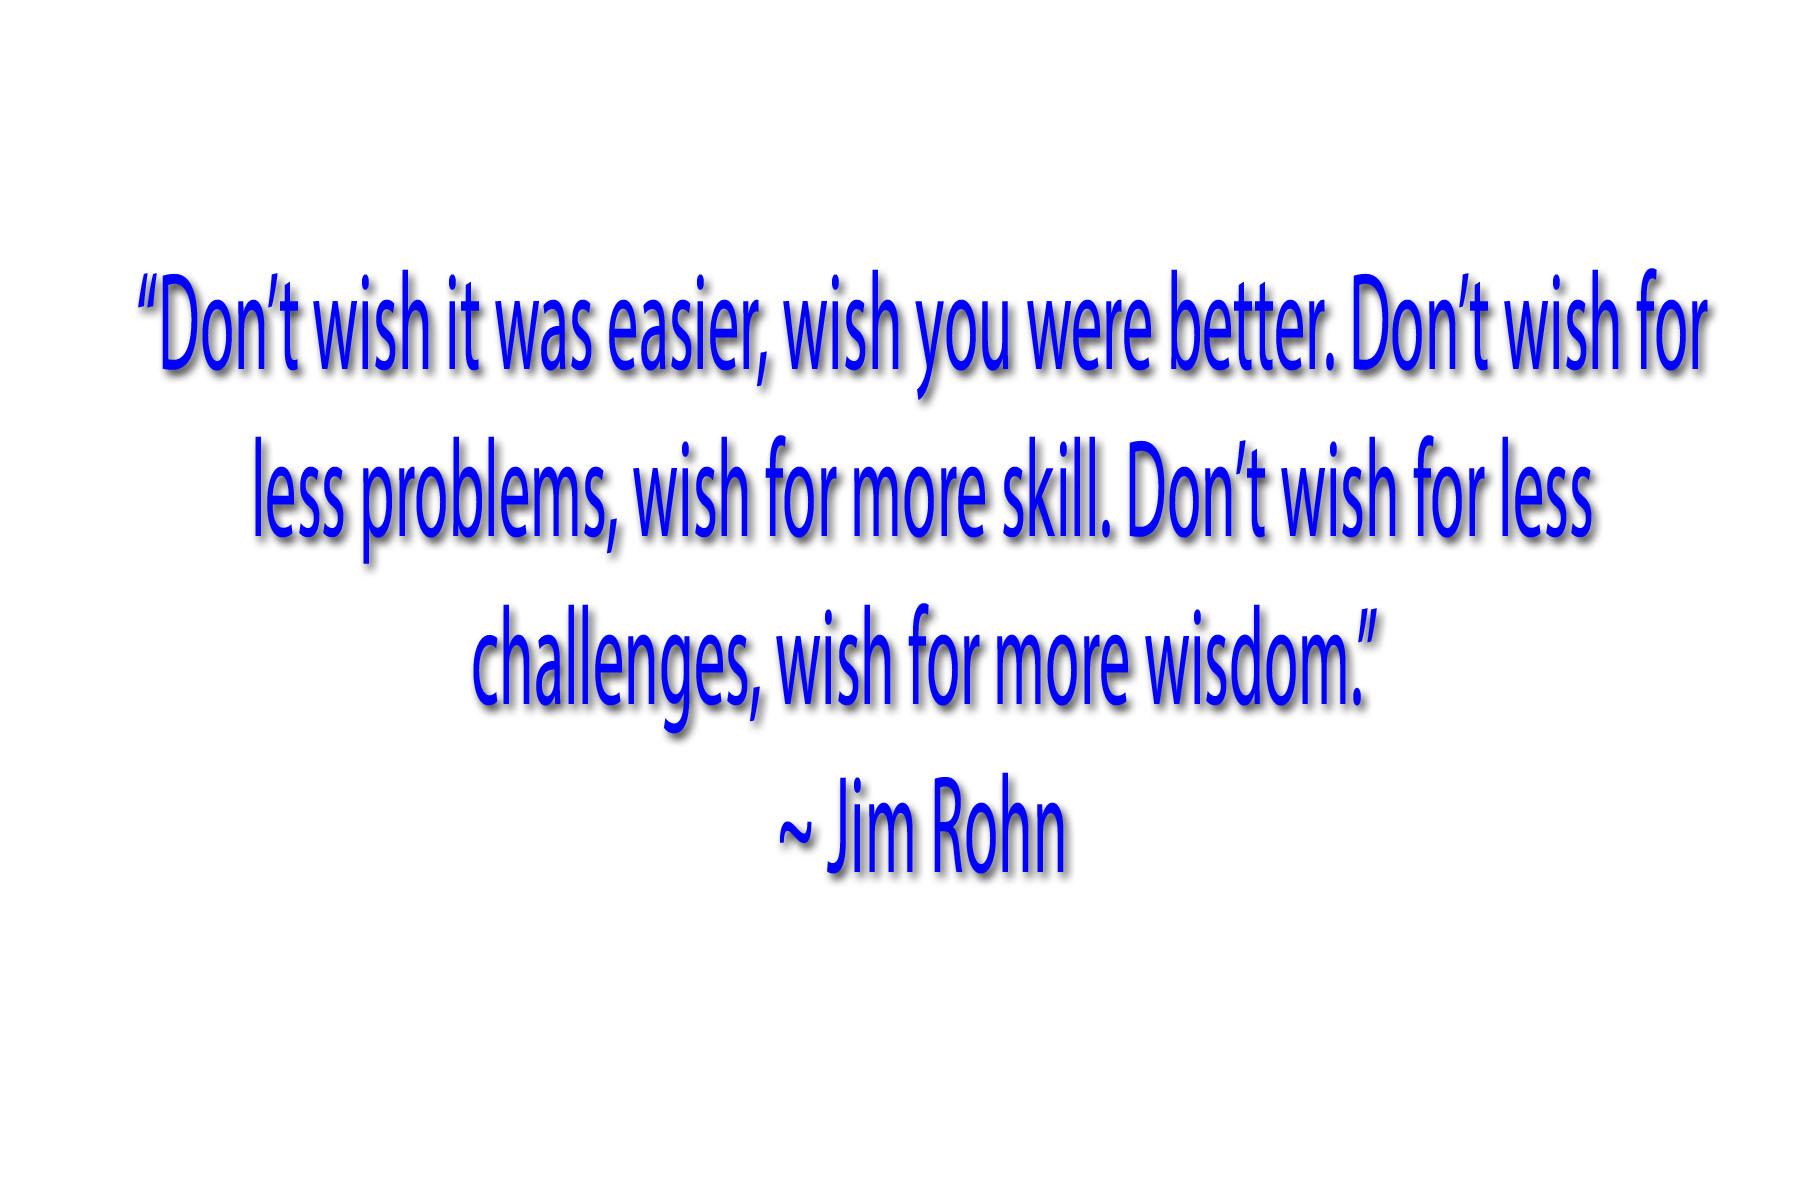 jim rohn Le message de jim rohn peut vous propulser vers le succès  la réussite est souvent le fruit d'élever son niveau de compétences les opportunités à saisir.